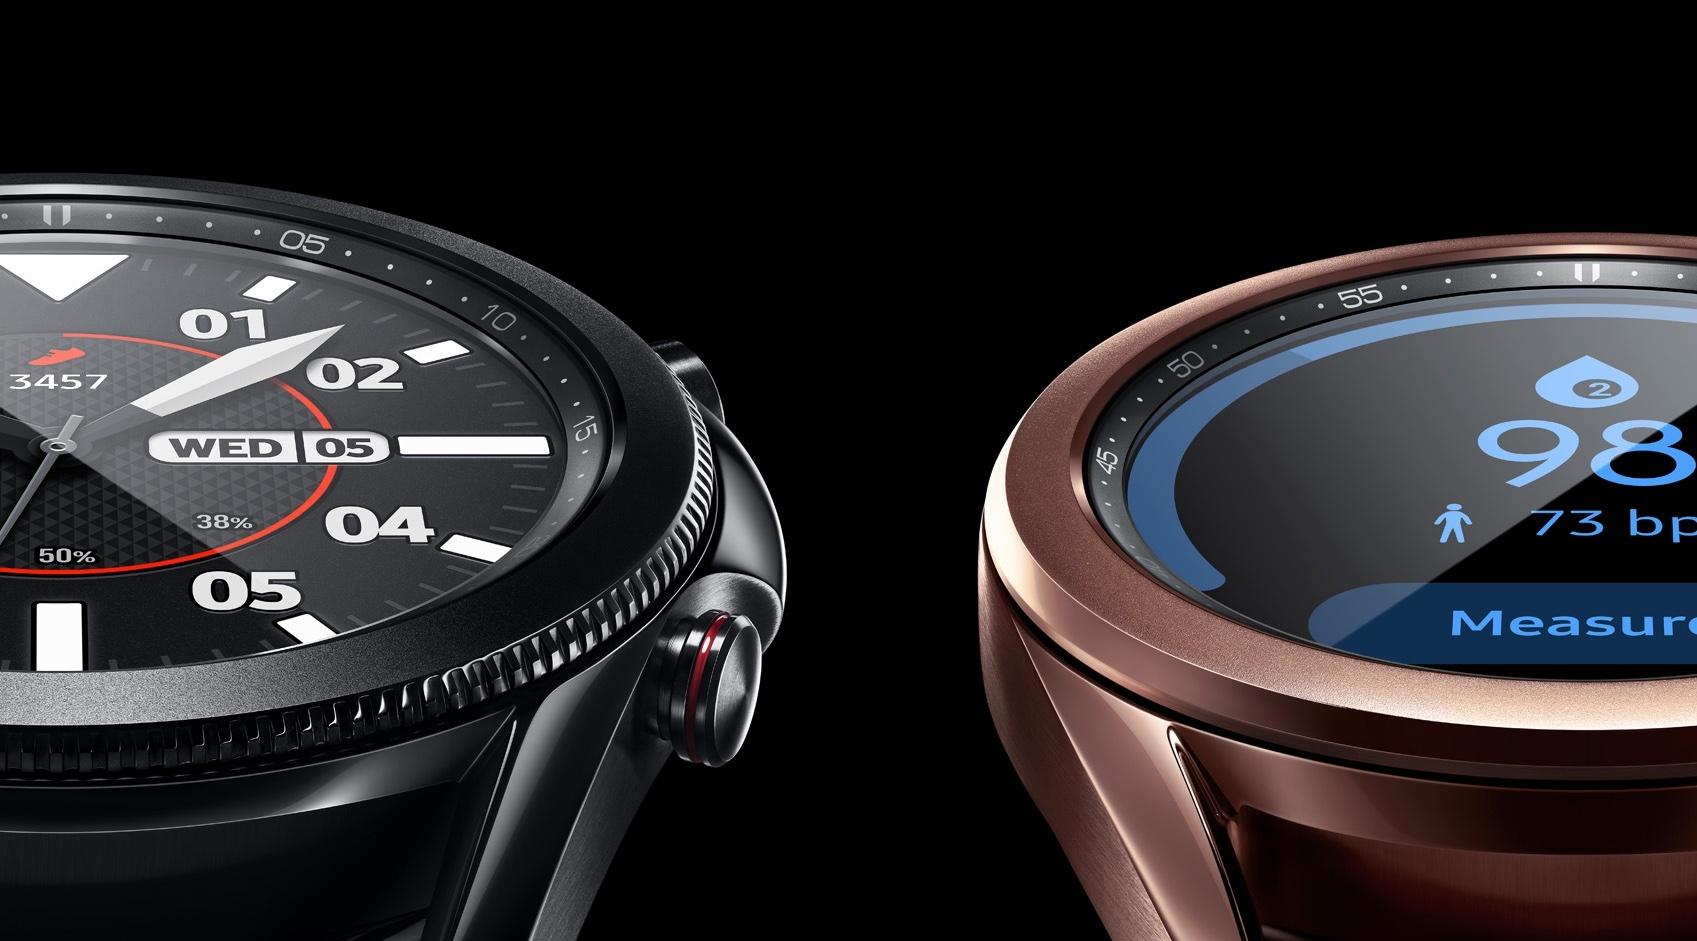 Раскрыты сроки выхода новых «умных» часов Samsung Galaxy Watch 4 и Watch Active 4